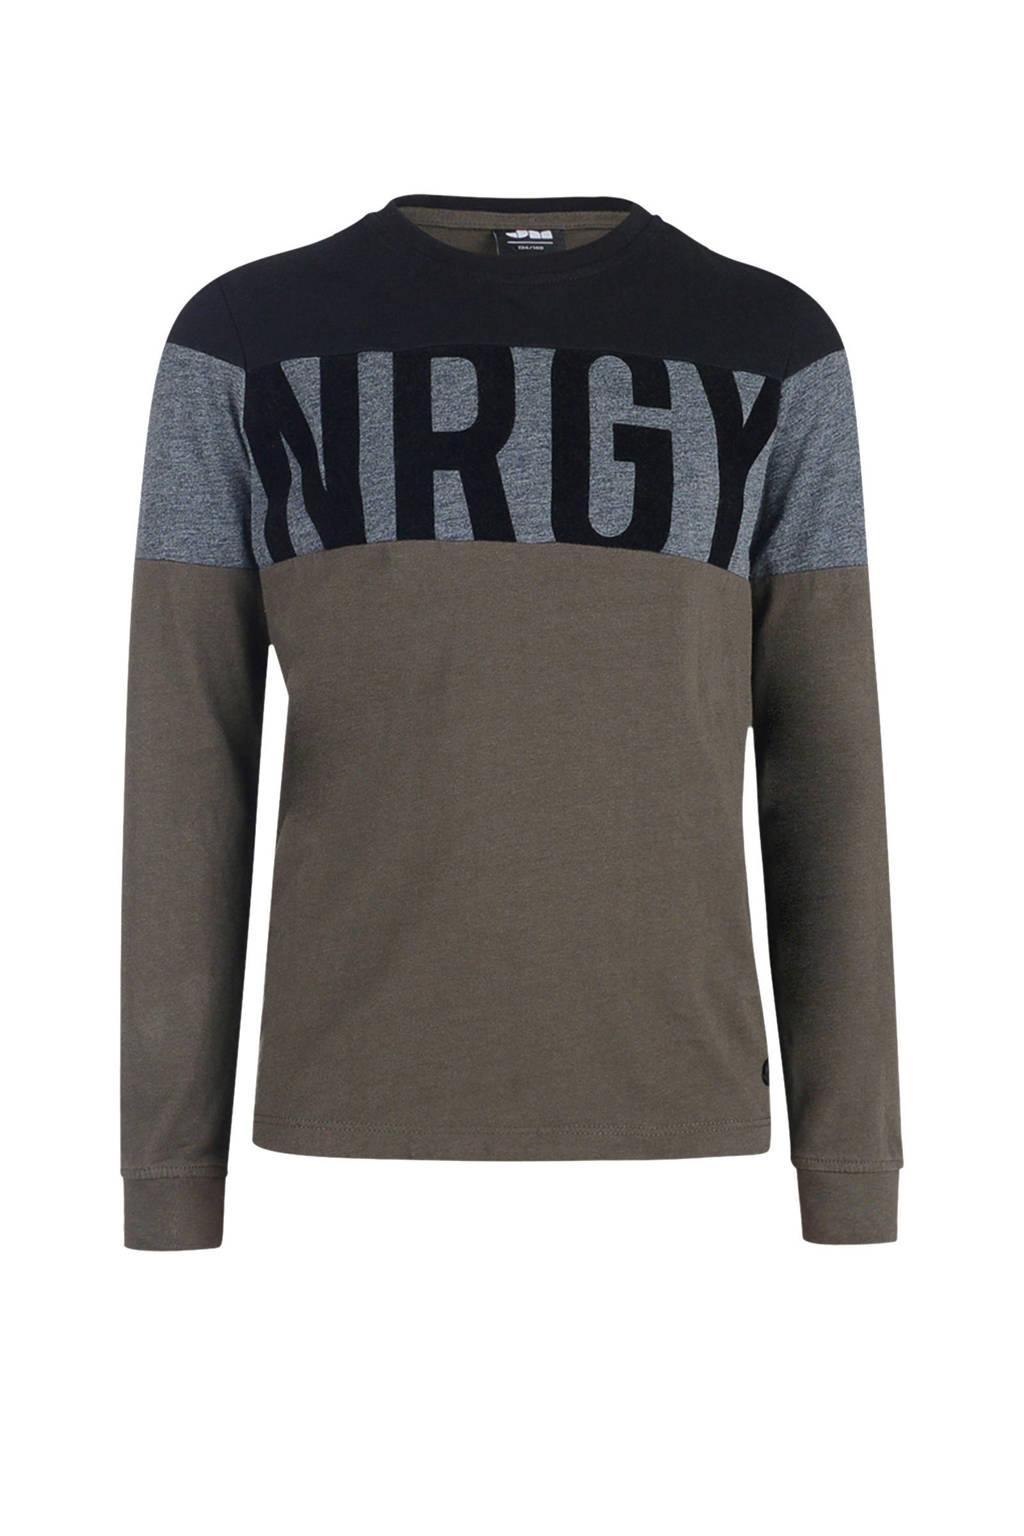 Mitch longsleeve met tekst zwart/grijs/bruin, Zwart/grijs/bruin